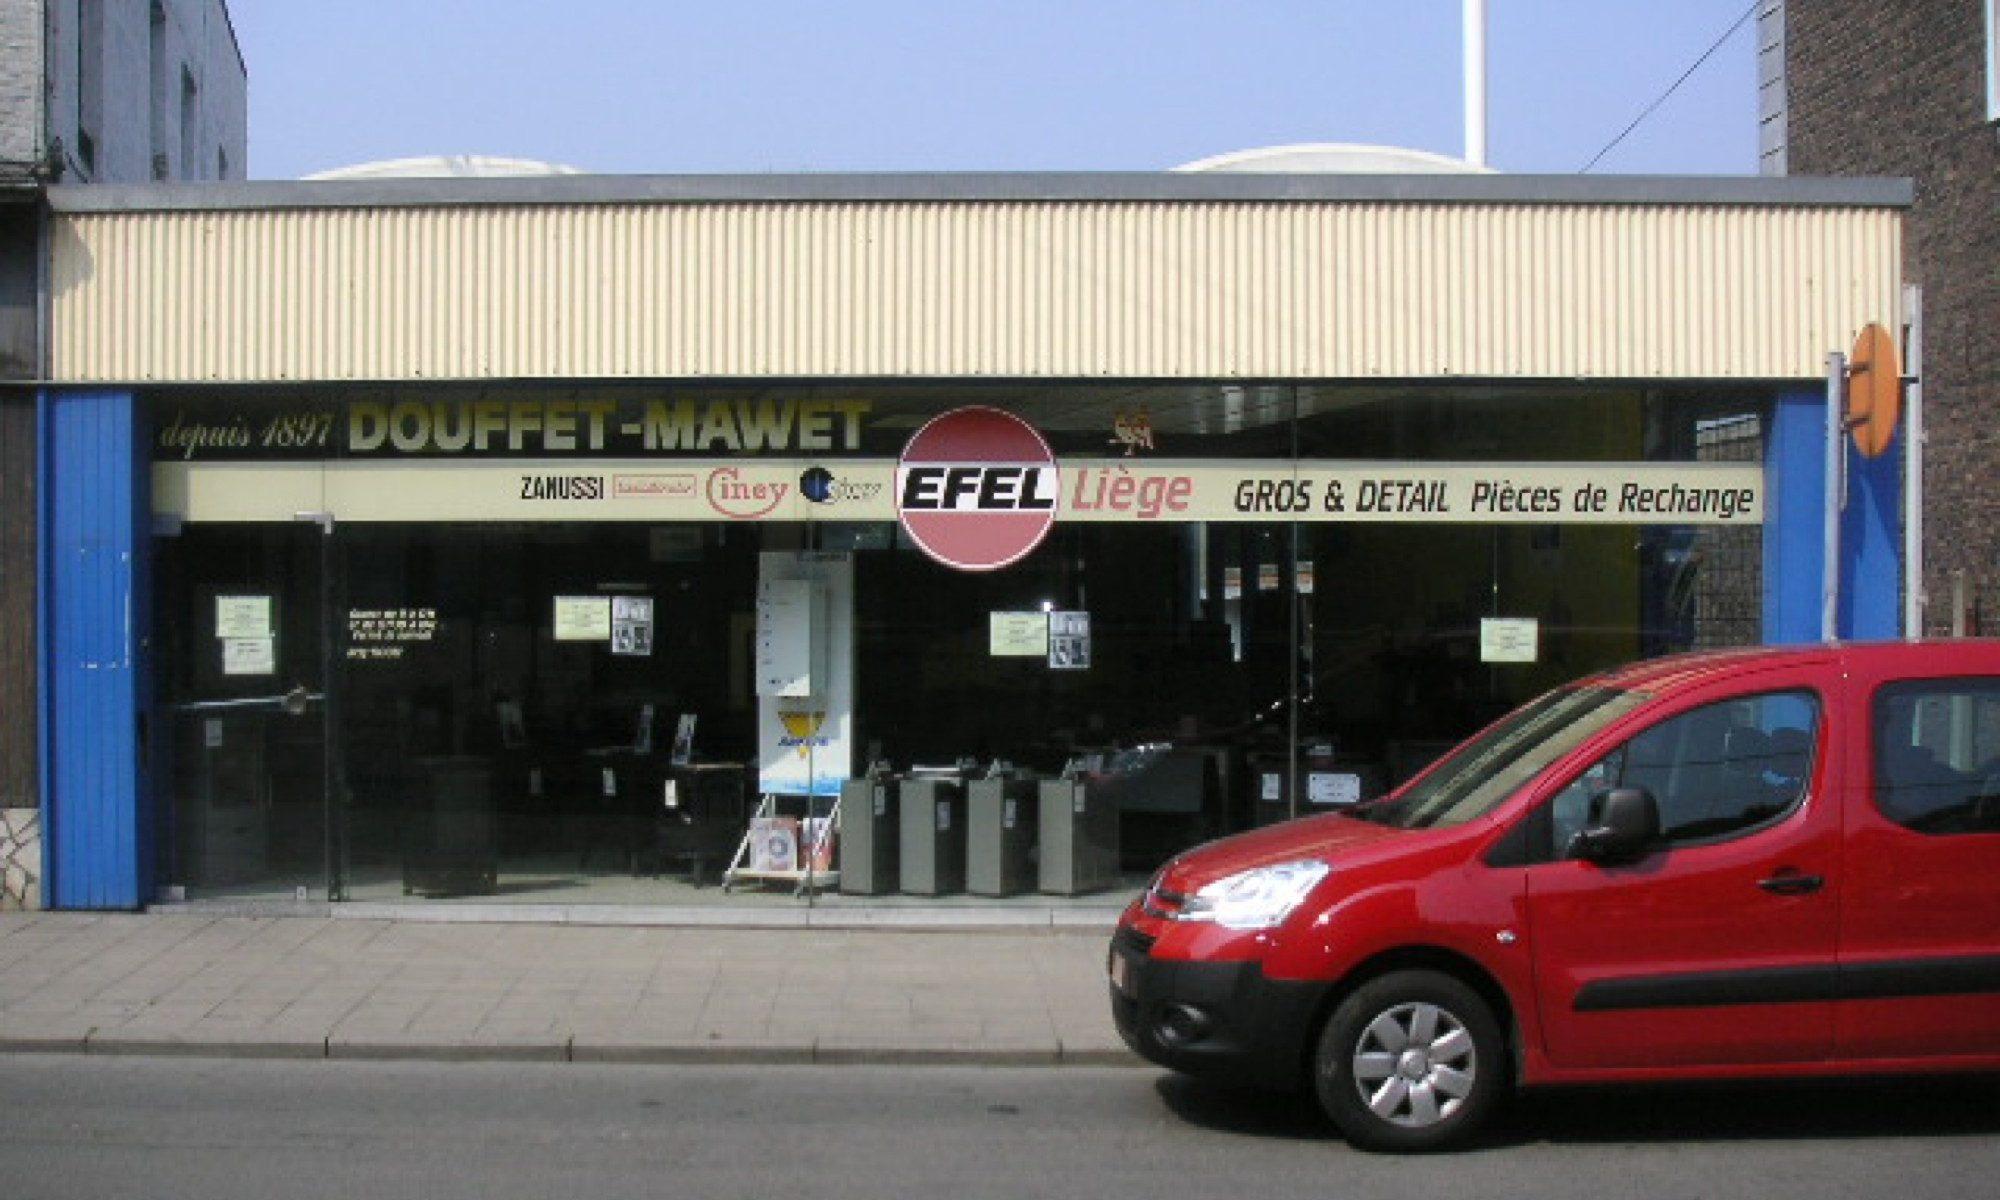 Douffet-Mawet